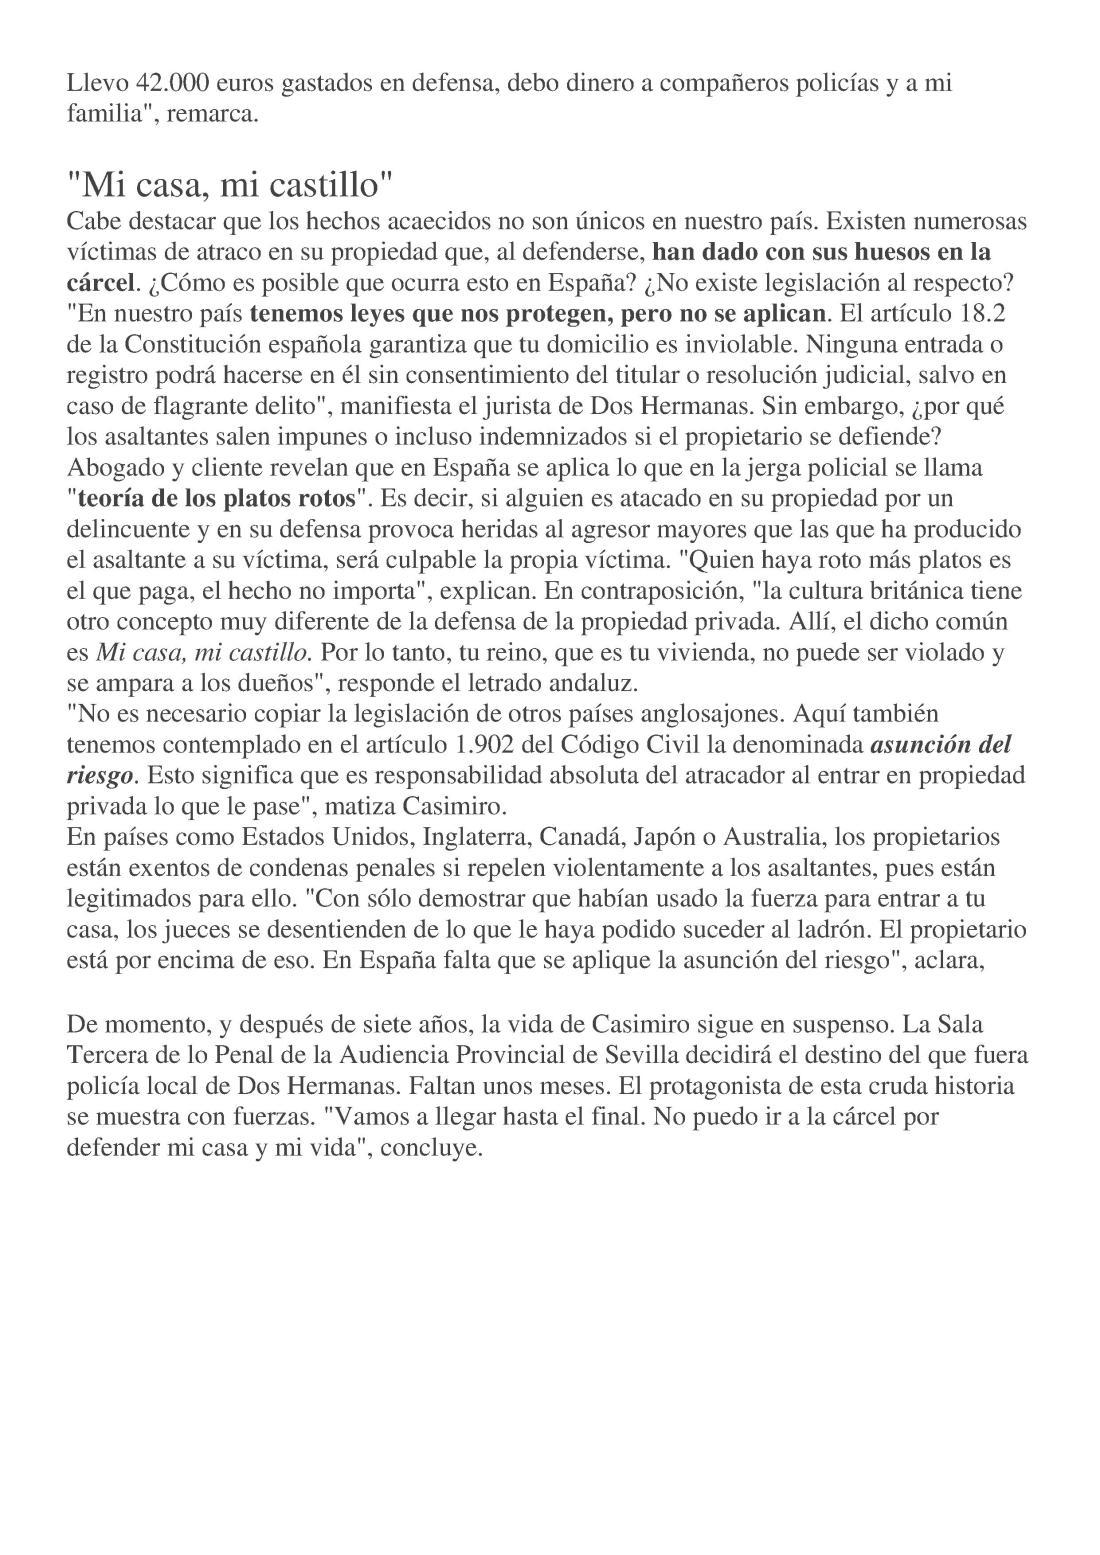 LA JUSTICIA SIONISTGA-4